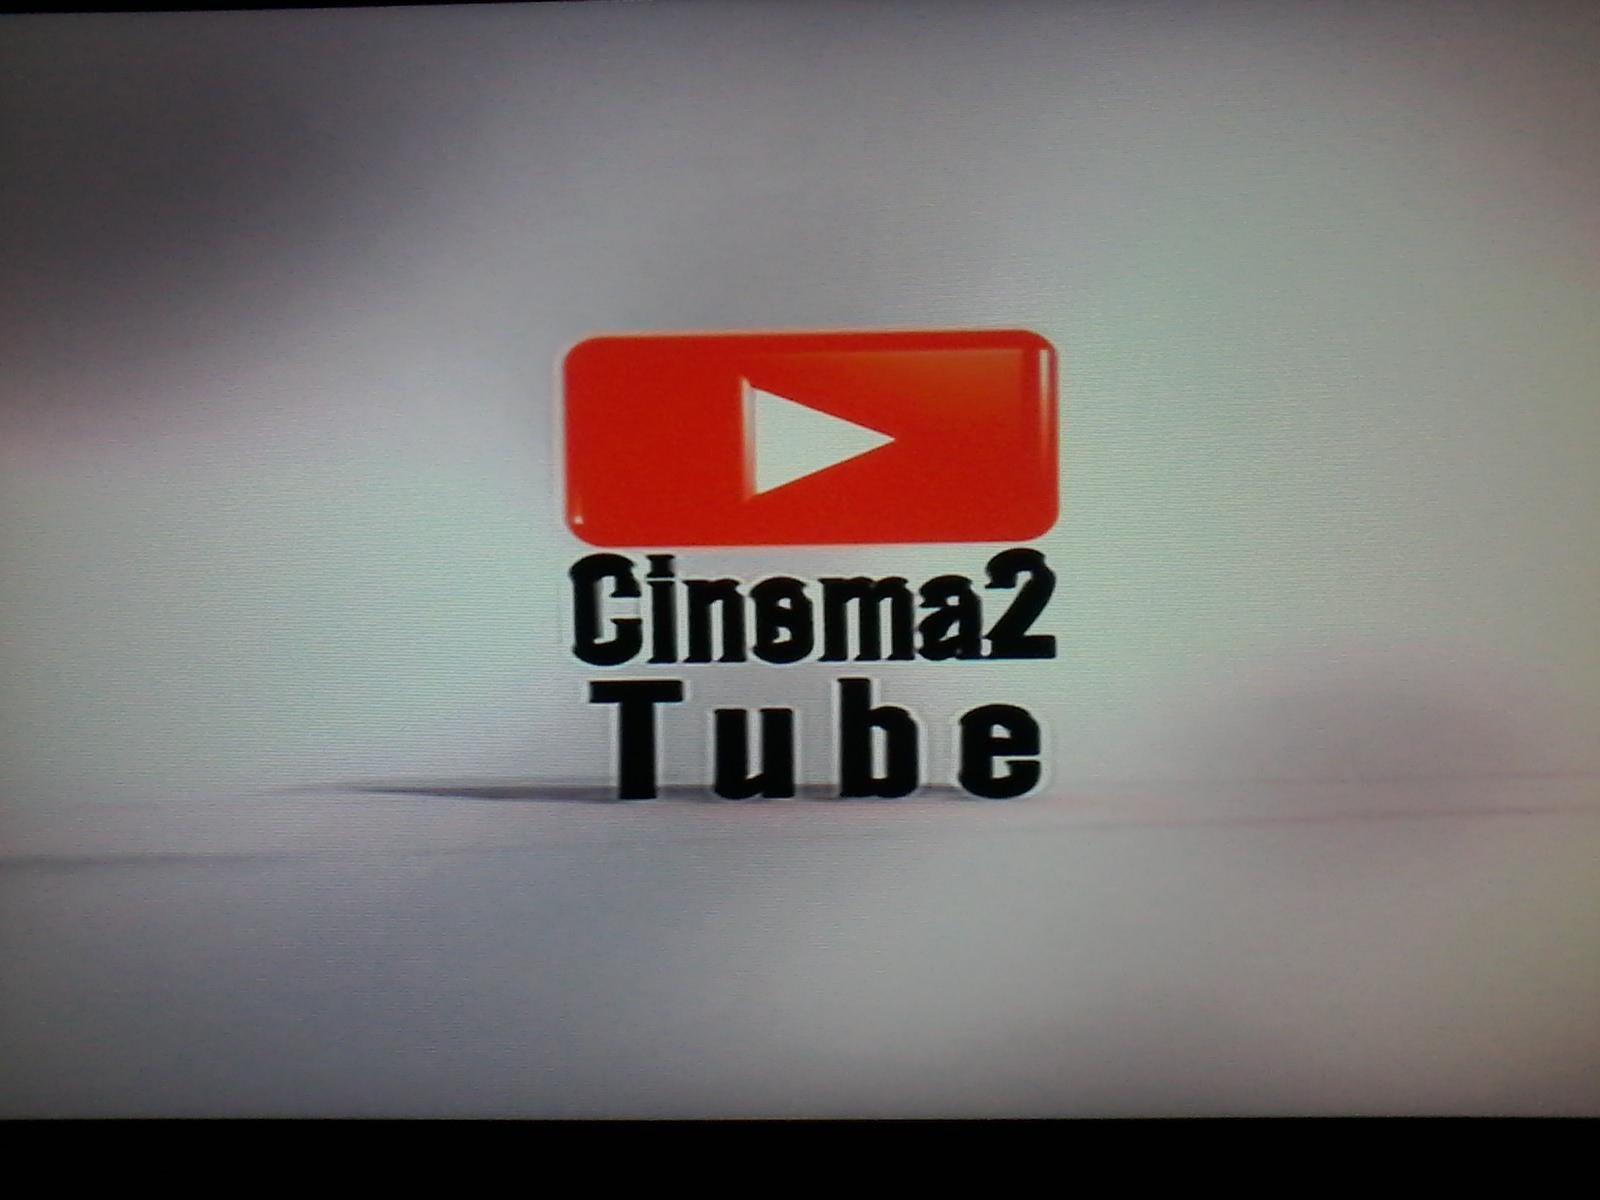 تردد قناة سيما تيوب على النايل سات اليوم 20-5-2021